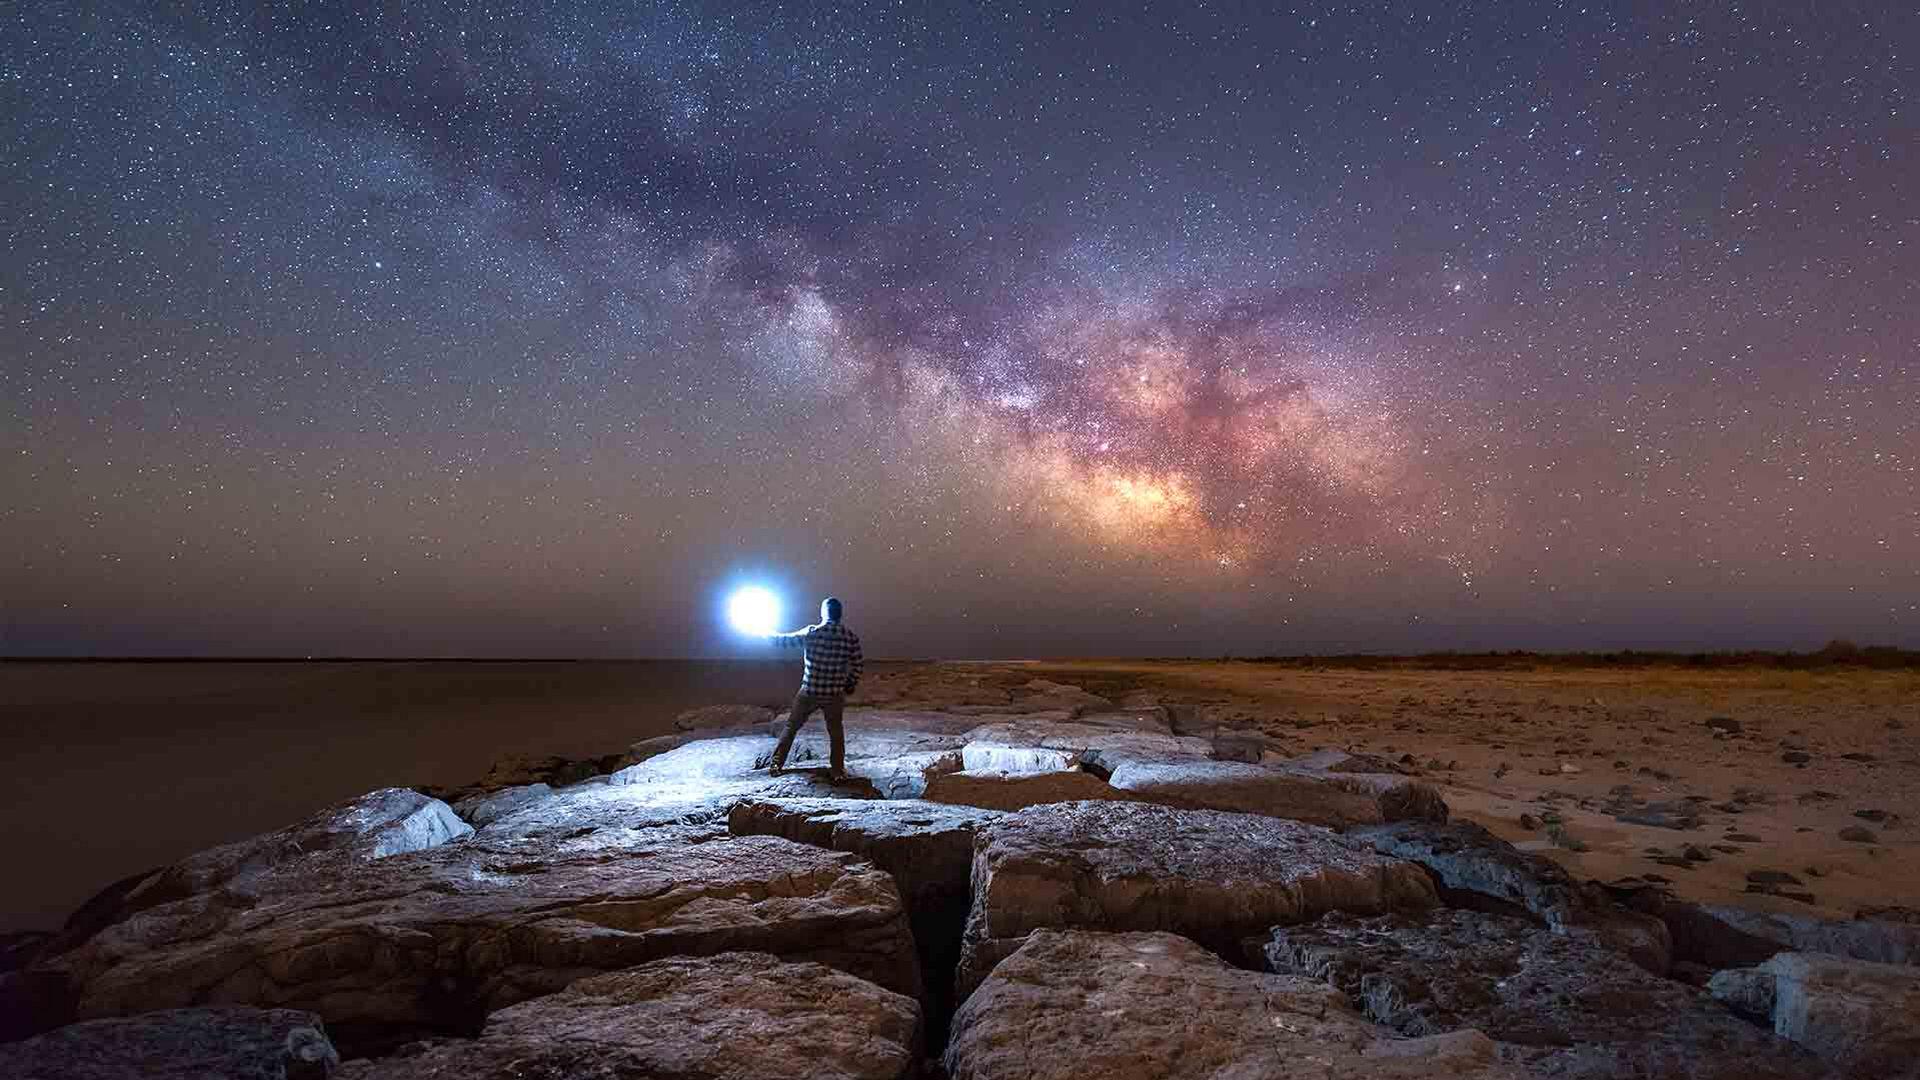 Osservazione delle stelle alla fine di febbraio